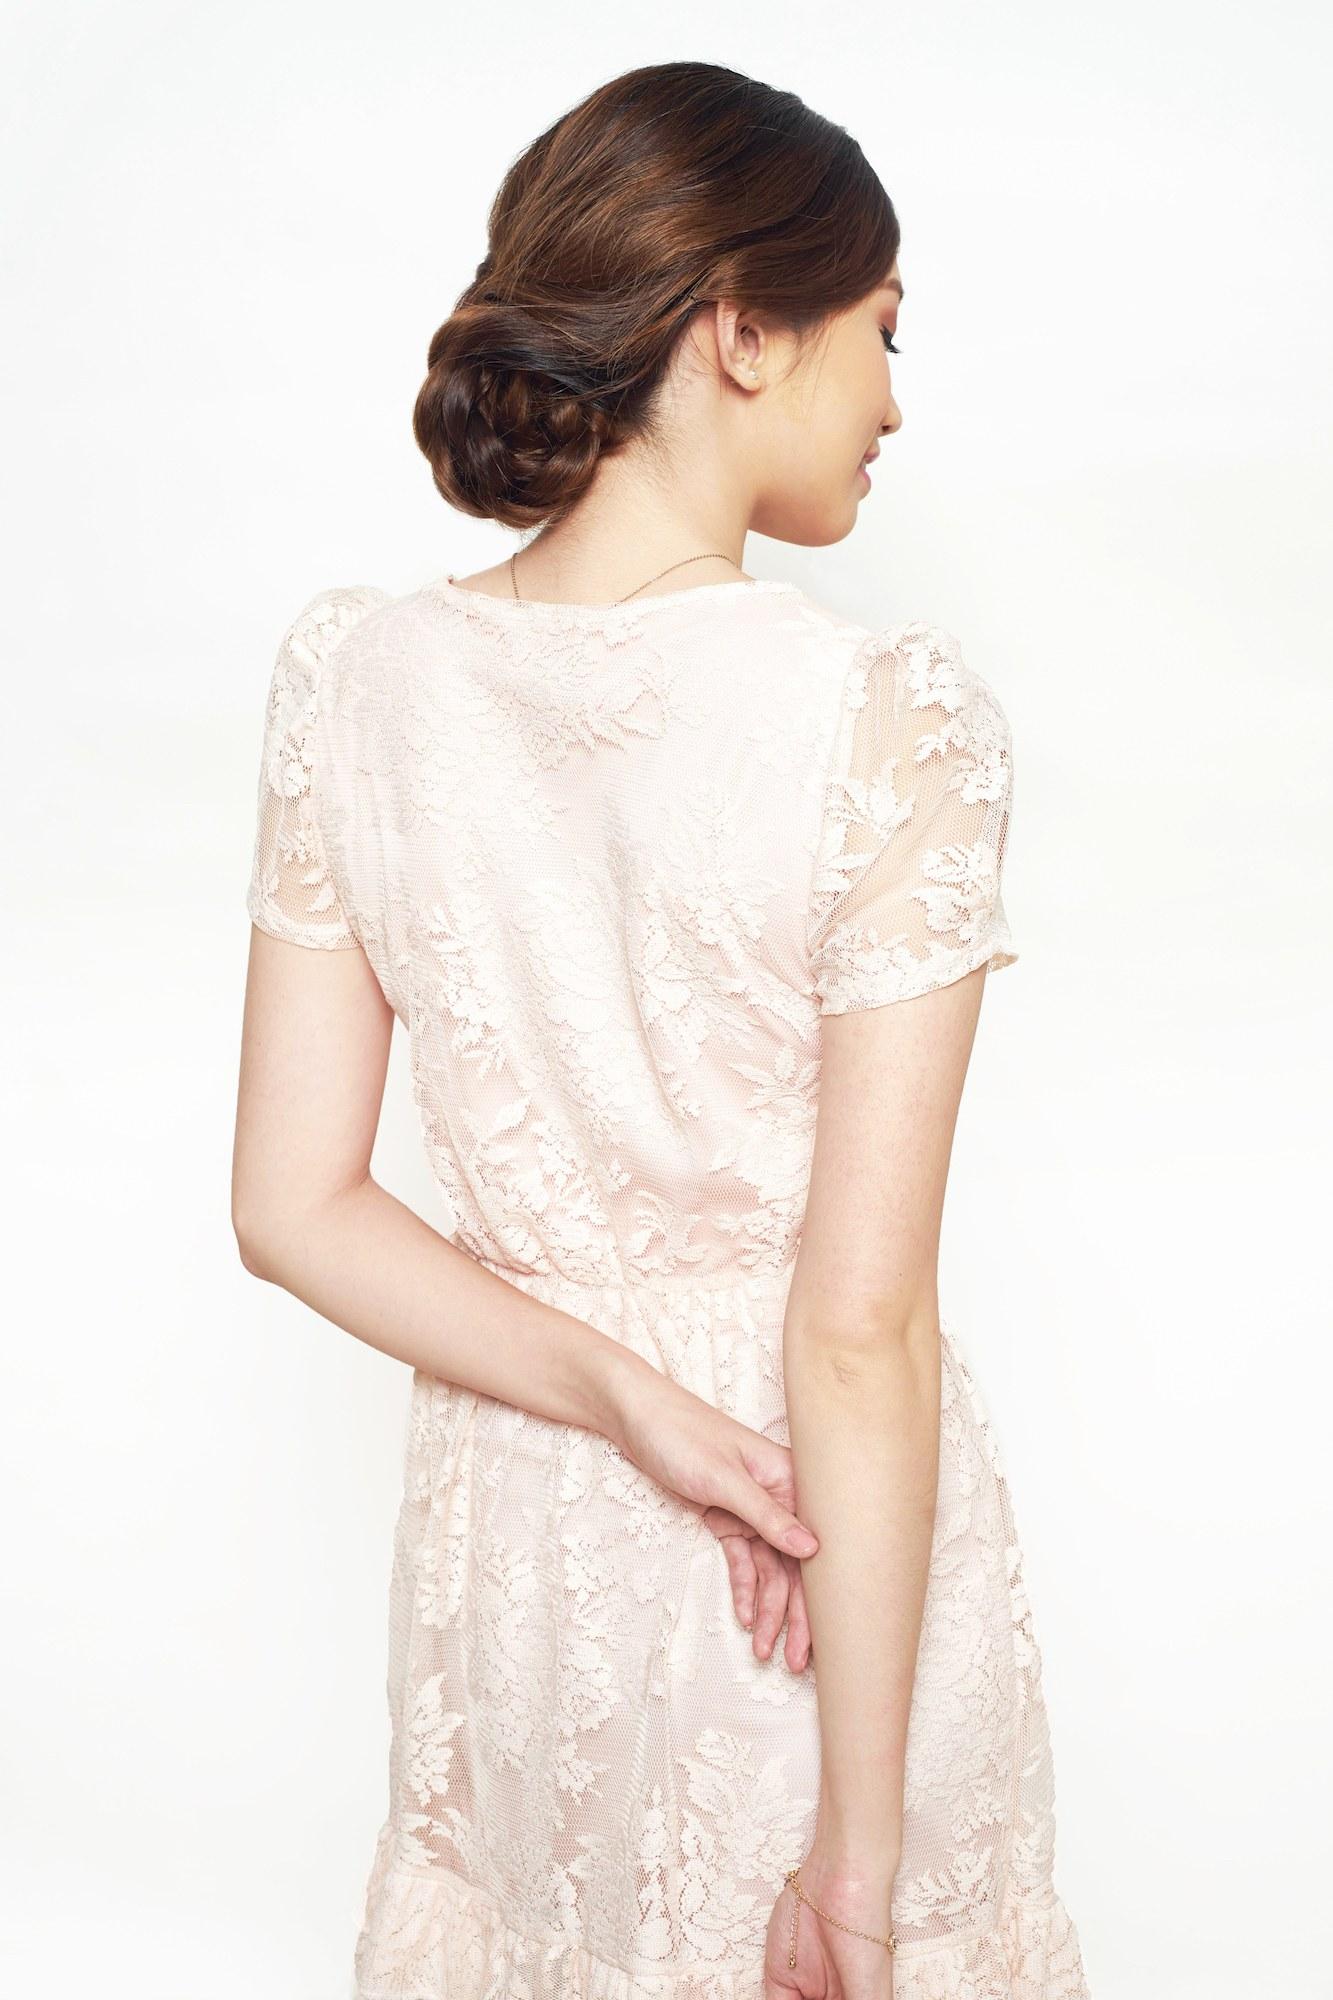 Wanita asia dengan model rambut wisuda braided updo menggunakan dress kebaya.